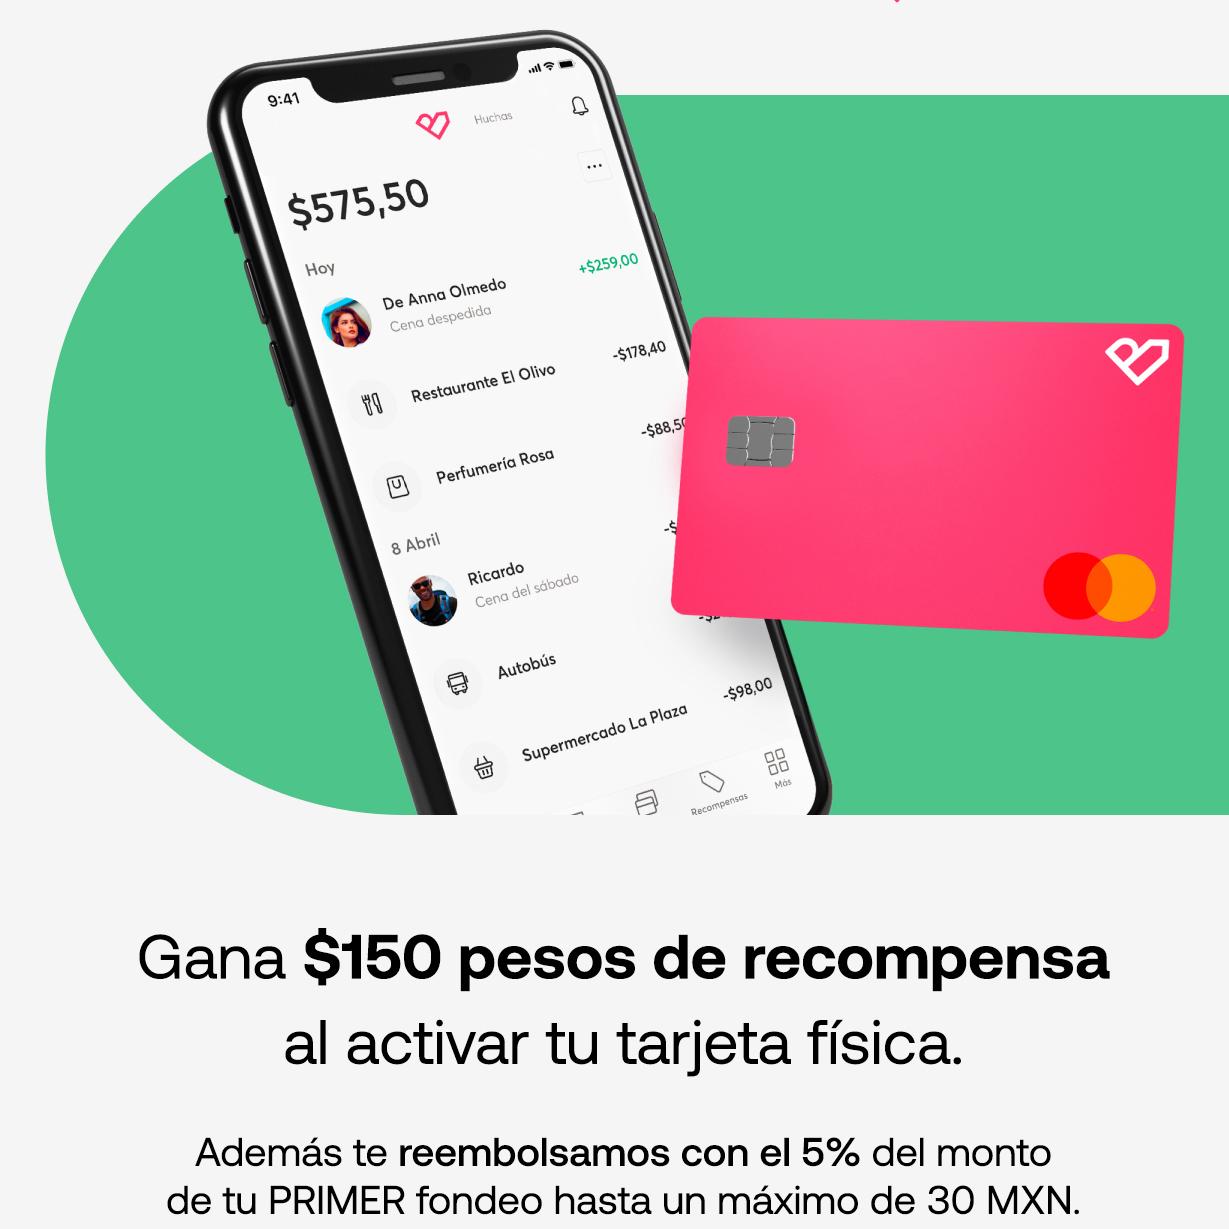 Bnext: gratis $150 al activar tu tarjeta + 5% extra de tu primer fondeo